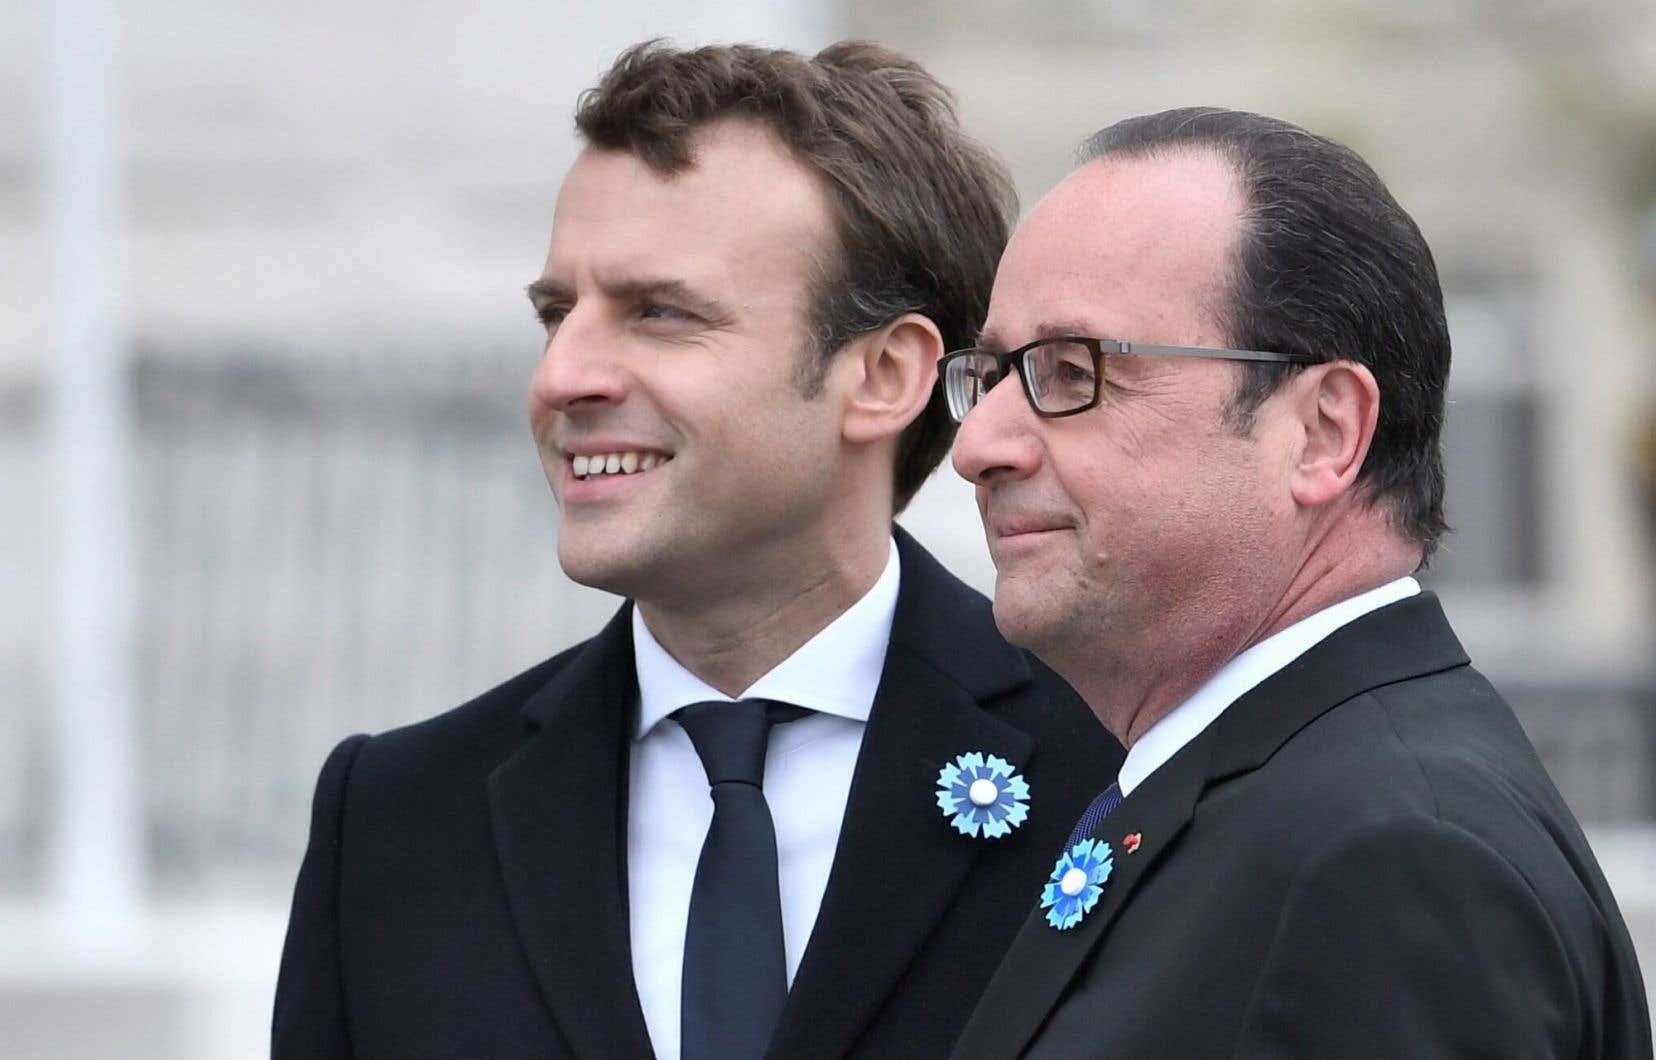 Les deux hommes étaient côte à côte pour écouter l'hymne national français.